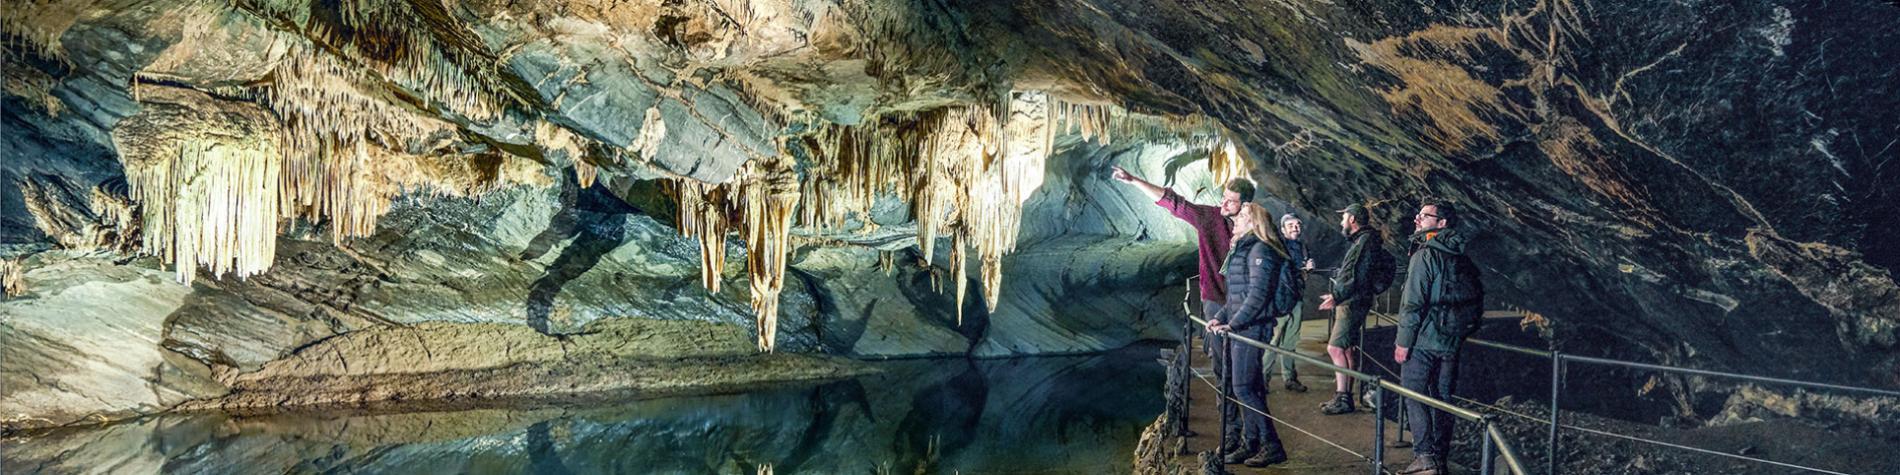 Grotte du Domaine de Han-sur-Lesse, une des plus belles d'Europe - Salle des Draperies